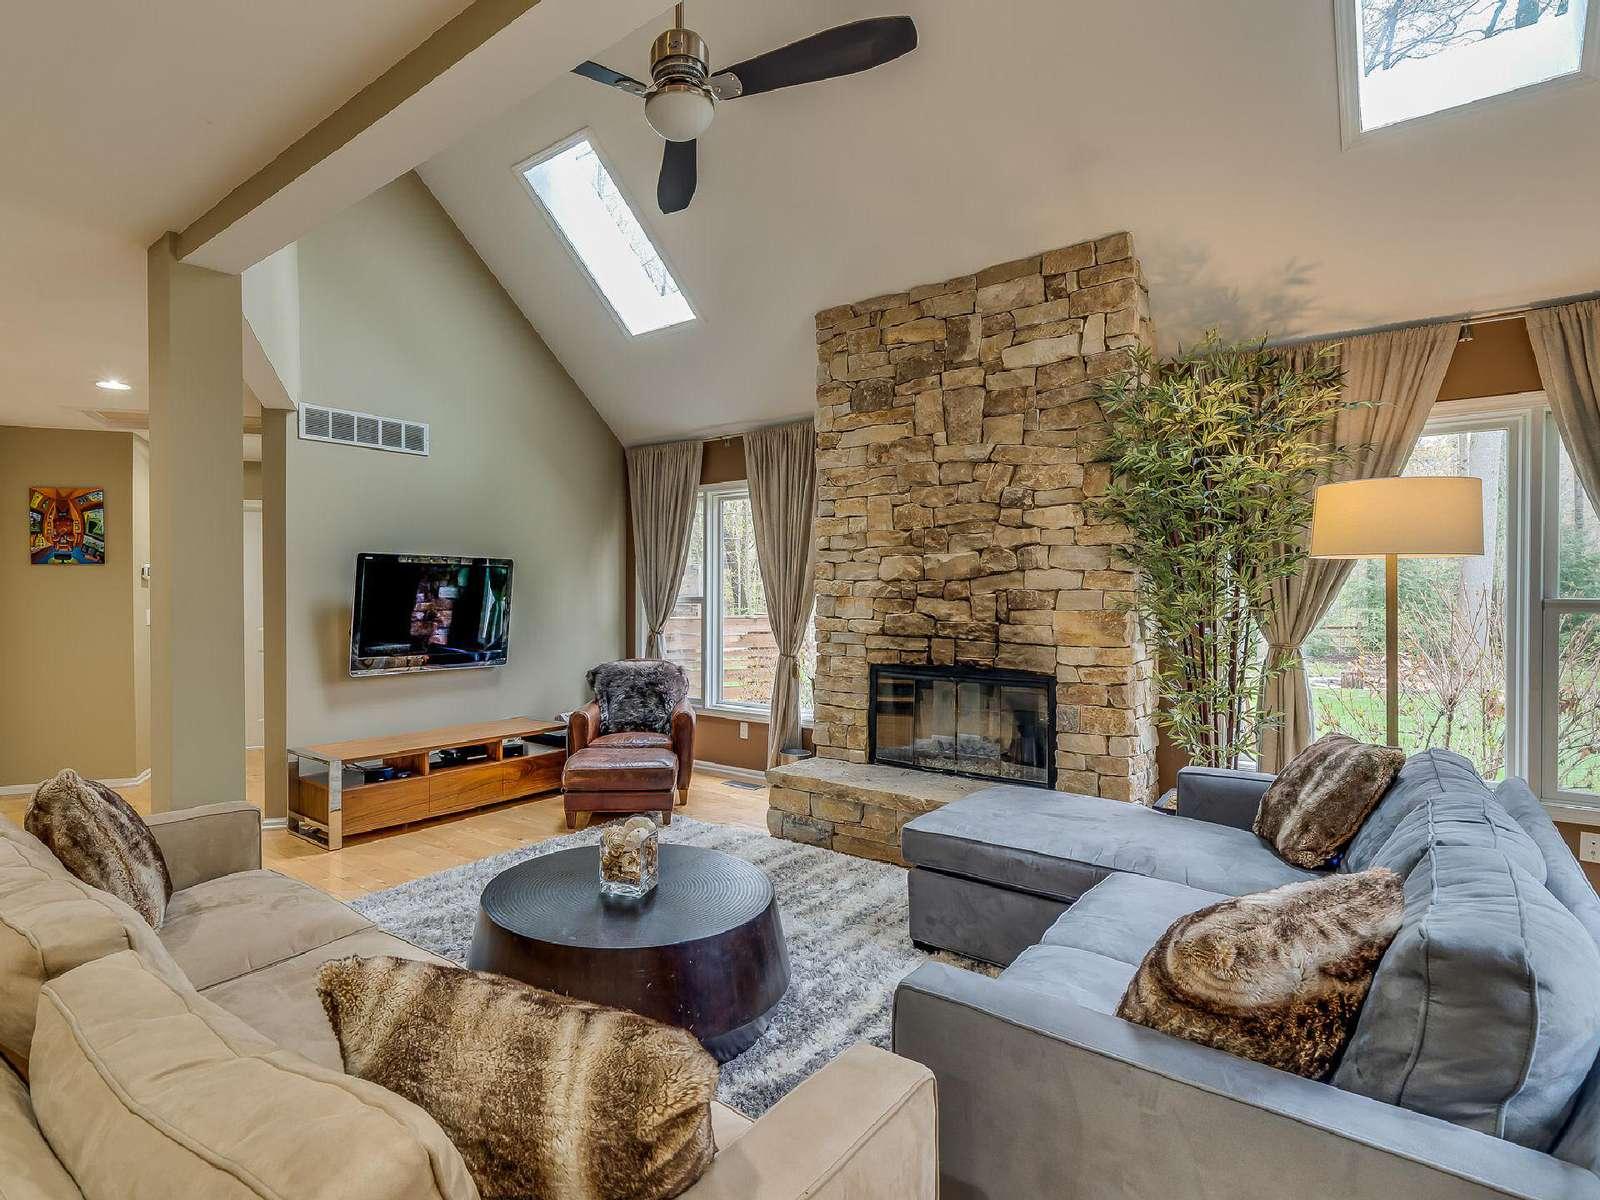 Ranger's Retreat on 2 acres | WAYA Vacation Rentals & Sales